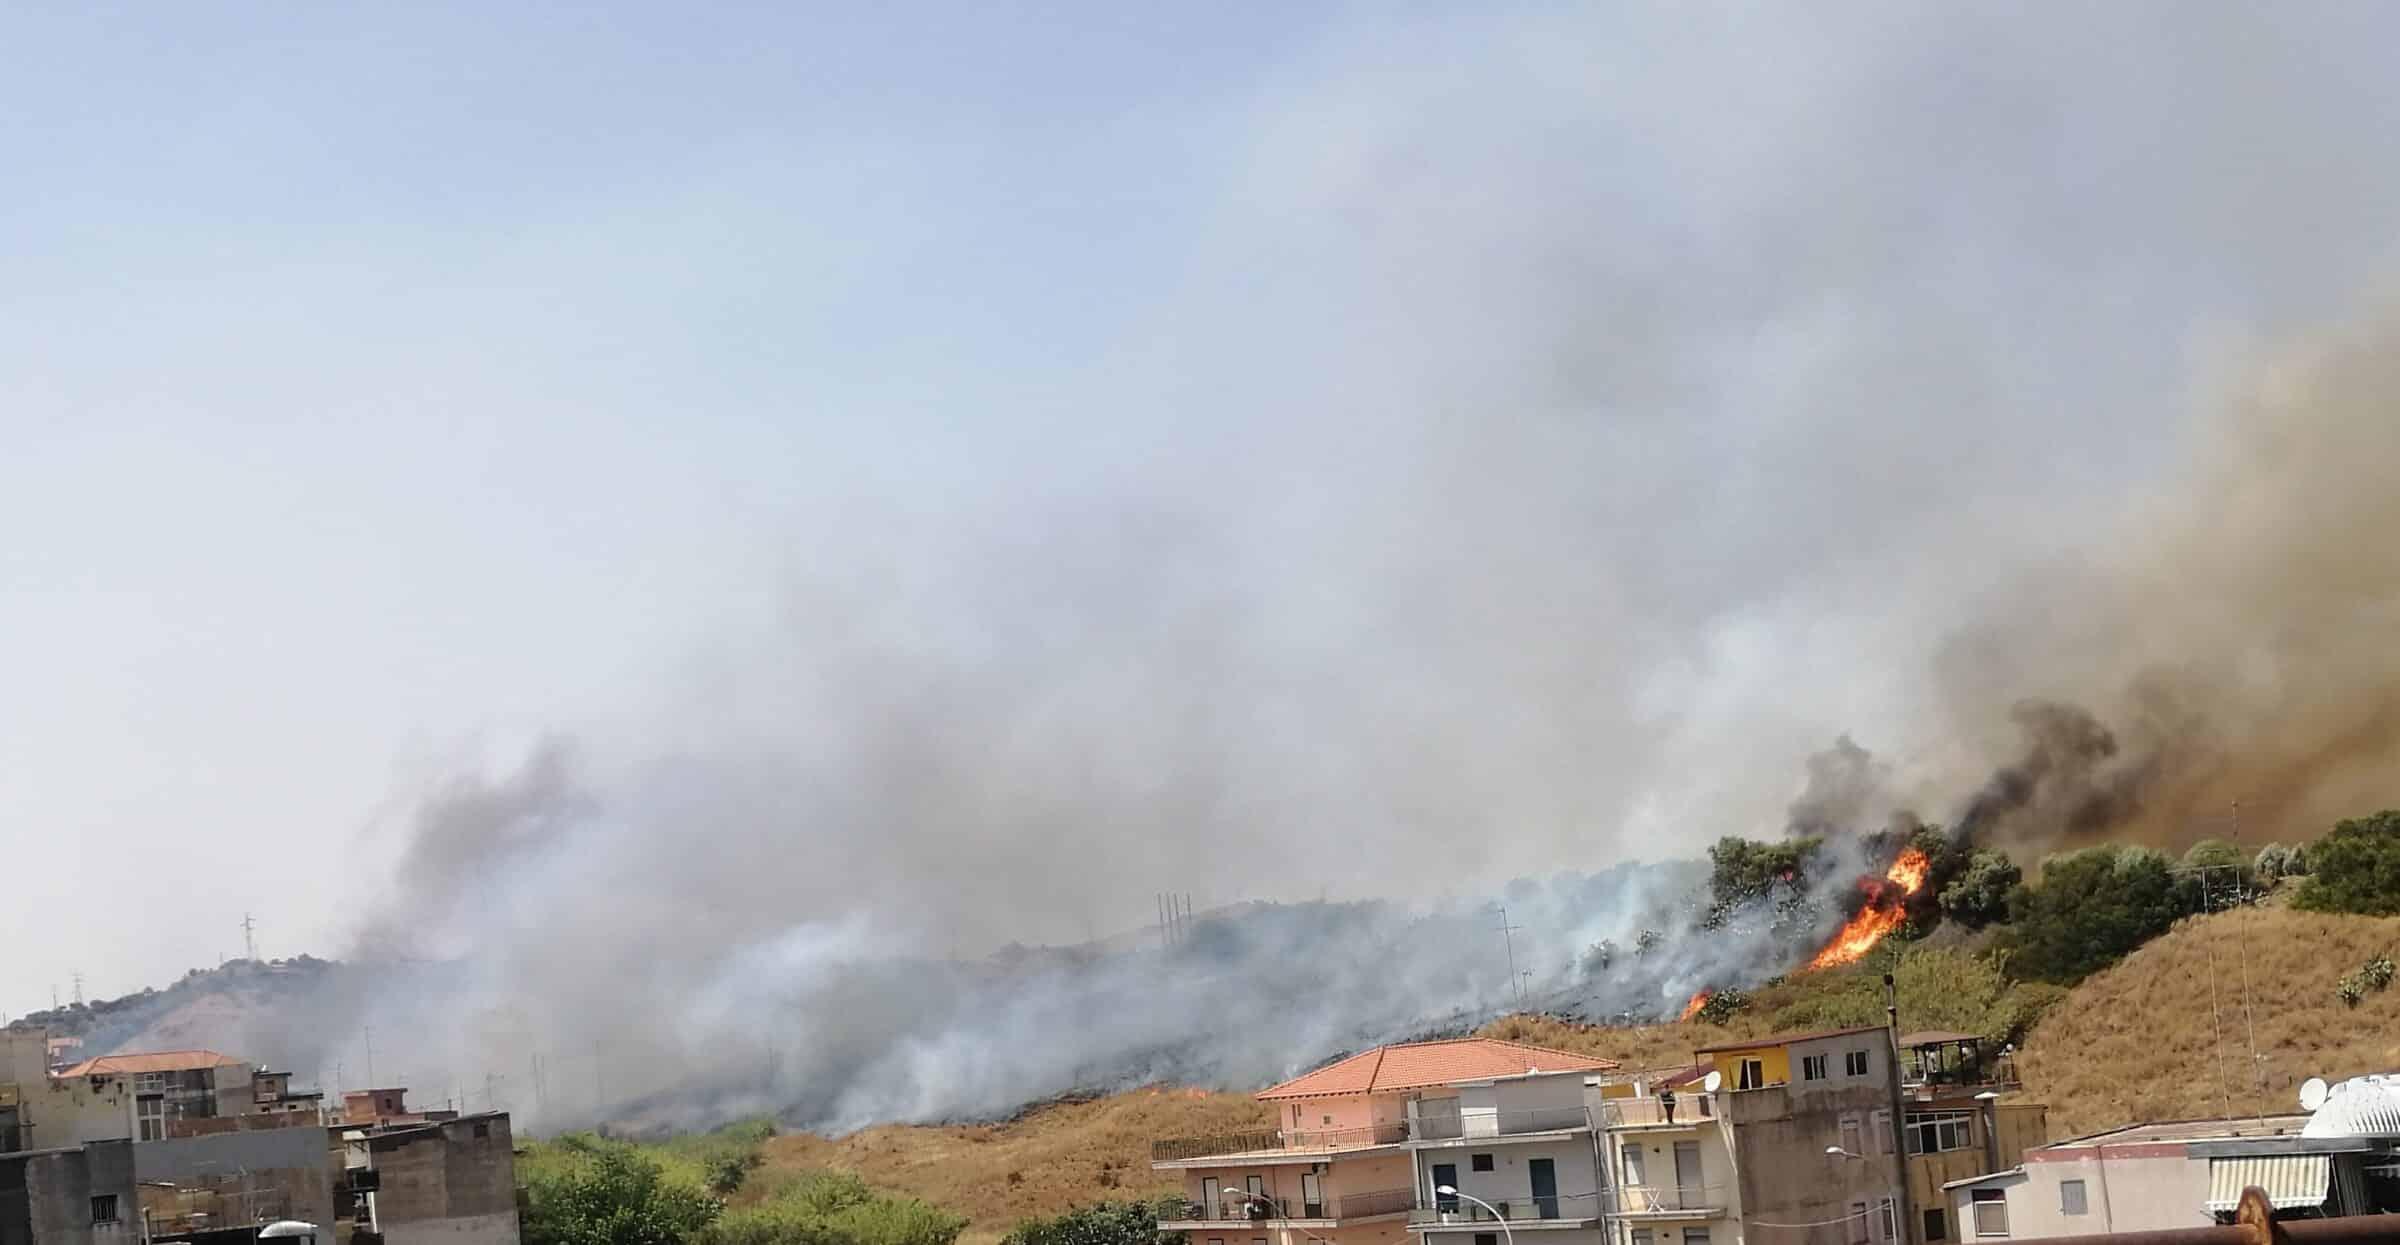 Catania avvolta dalle fiamme, incendi divorano interi quartieri: il comitato Romolo Murri chiede soluzioni adeguate